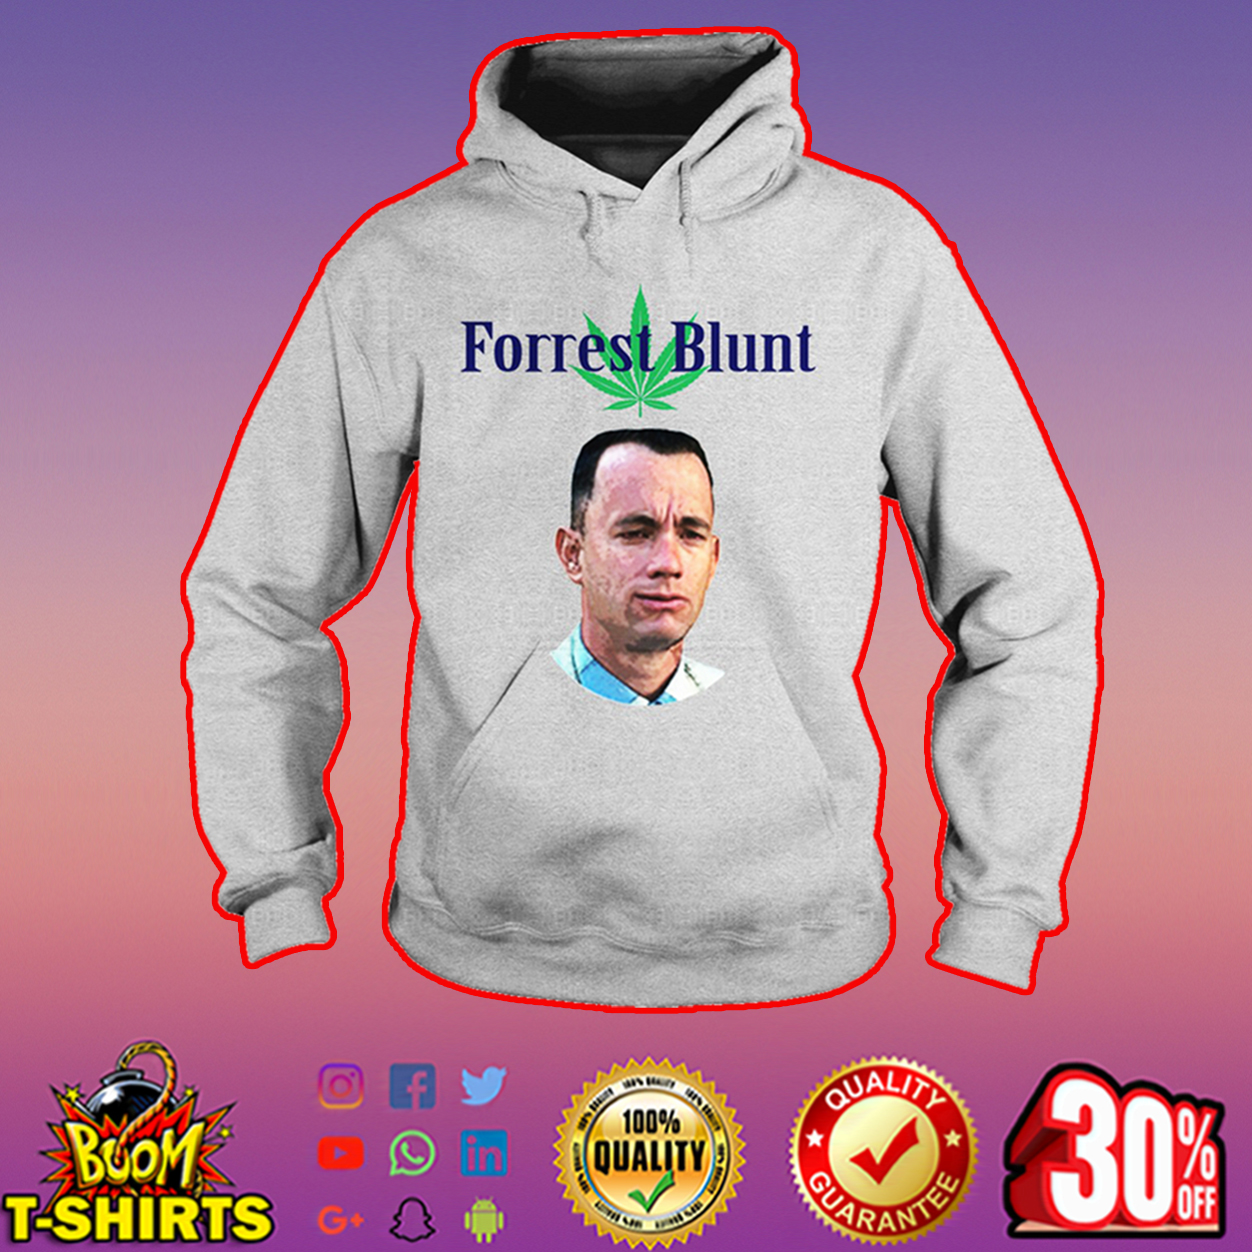 Tom Hanks Forrest blunt hoodie